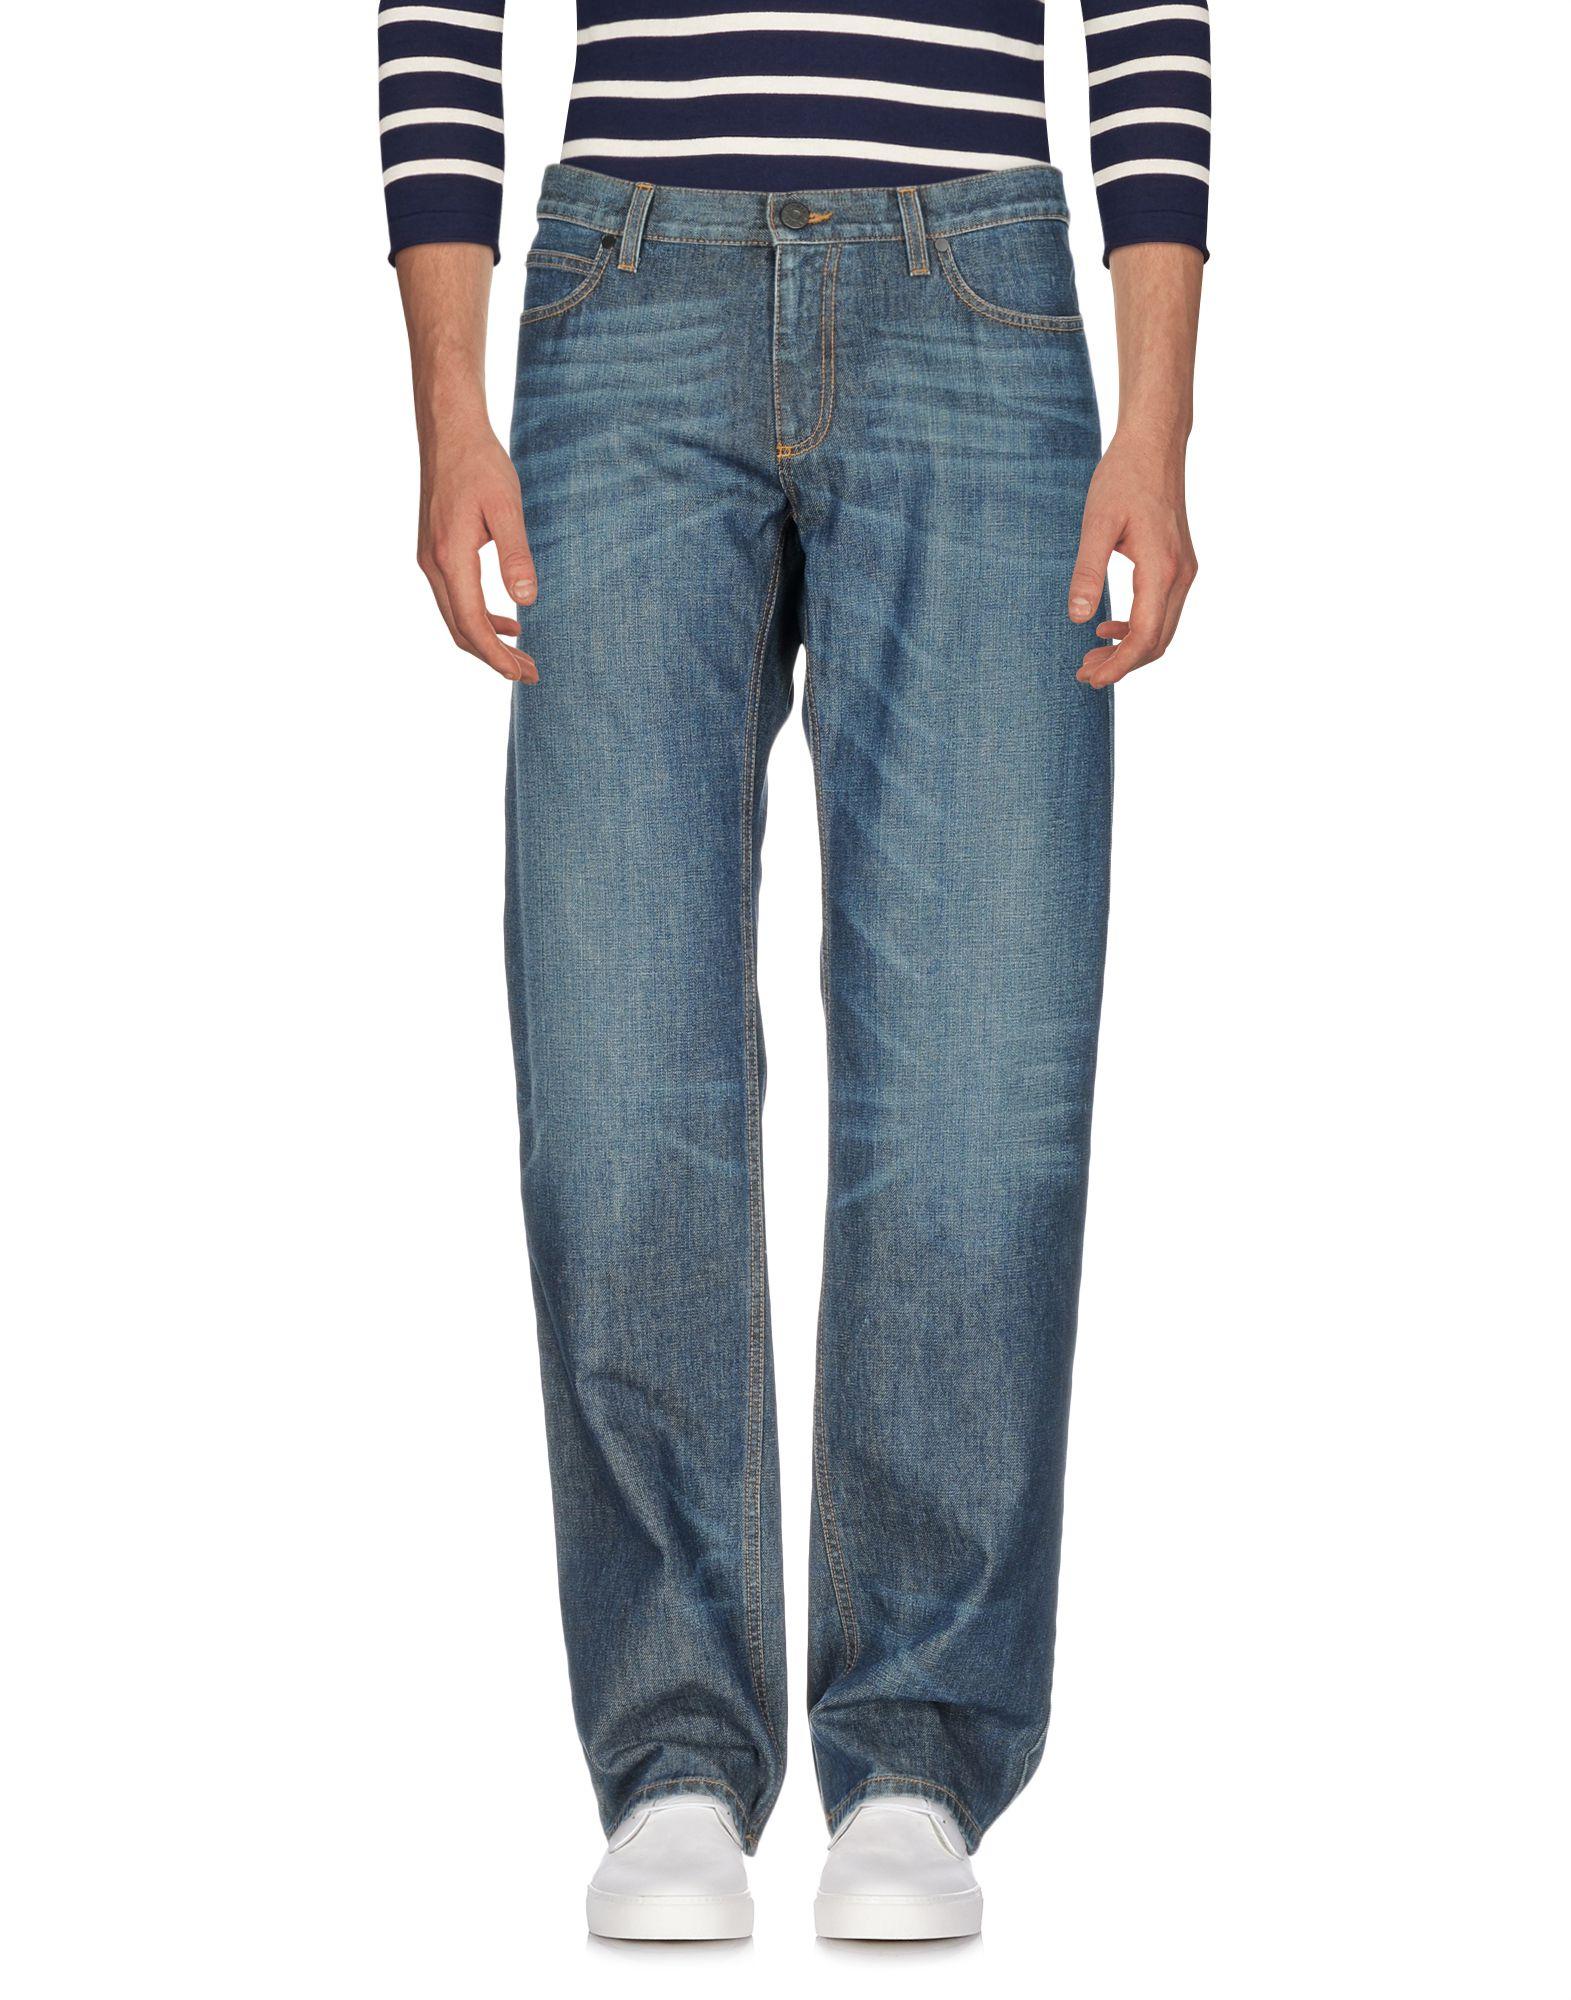 Pantaloni Jeans Lanvin Uomo - Acquista online su